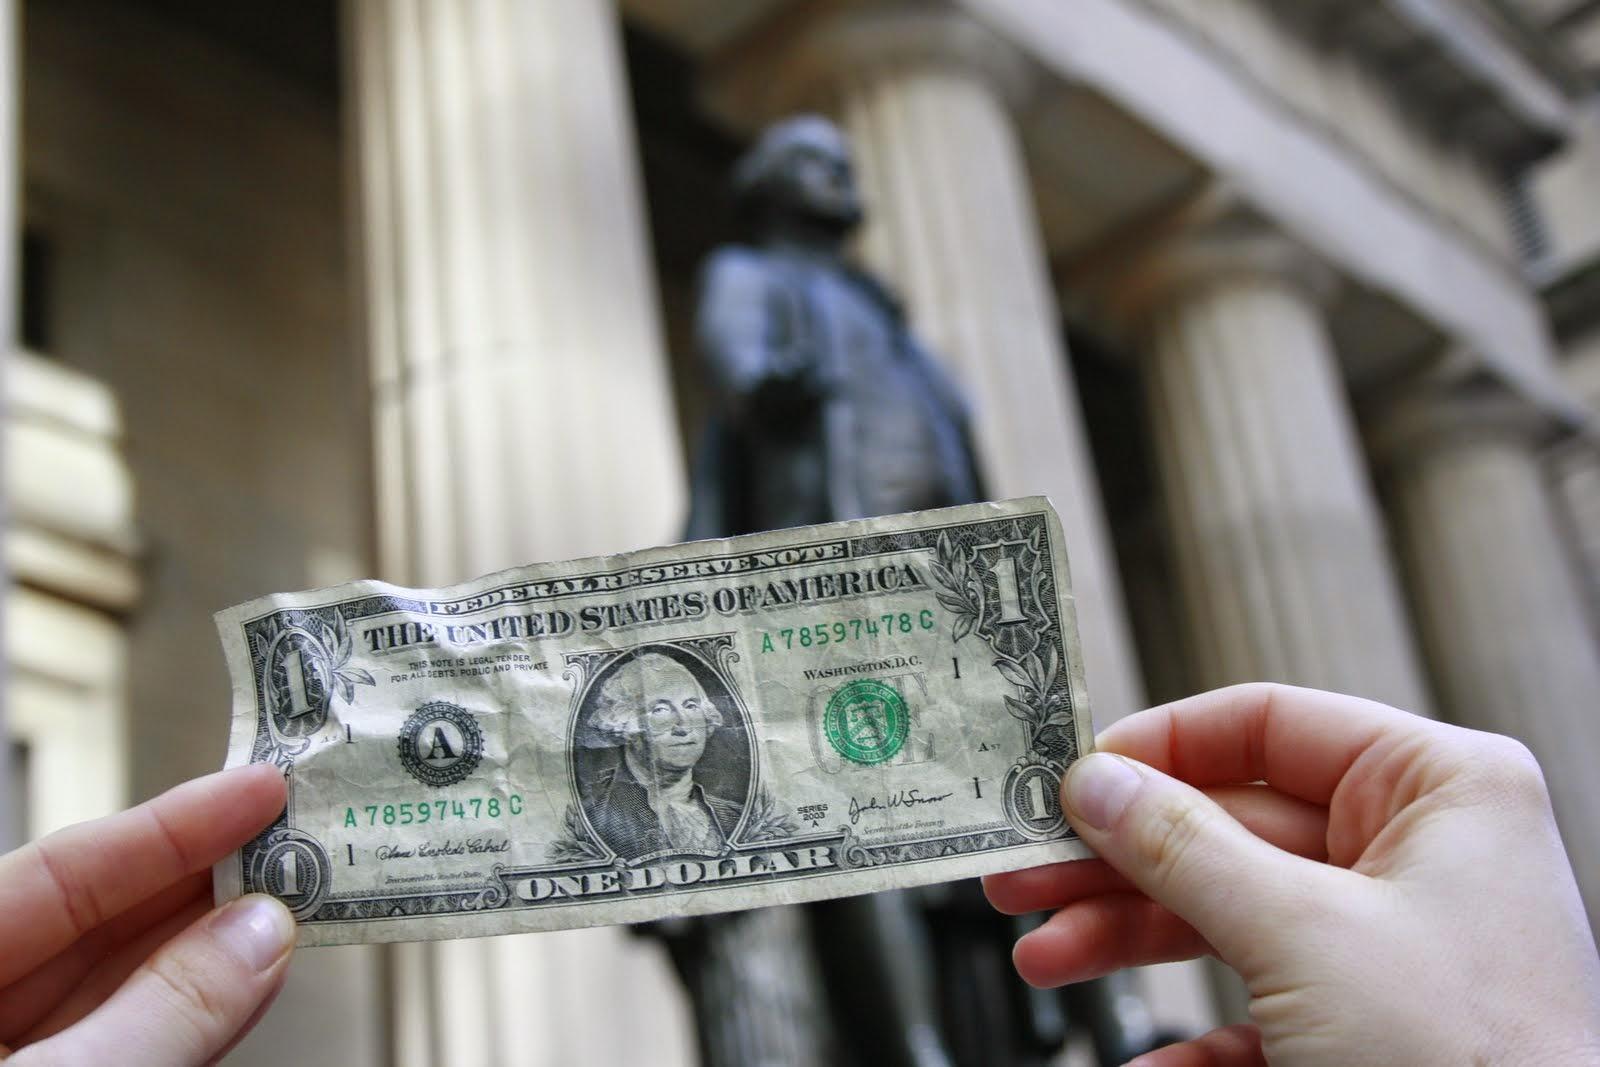 """""""In God we trust"""", steht auf der 1-Dollar-Note. Gott und Geld? (Foto: Jan Thomas Otte)"""